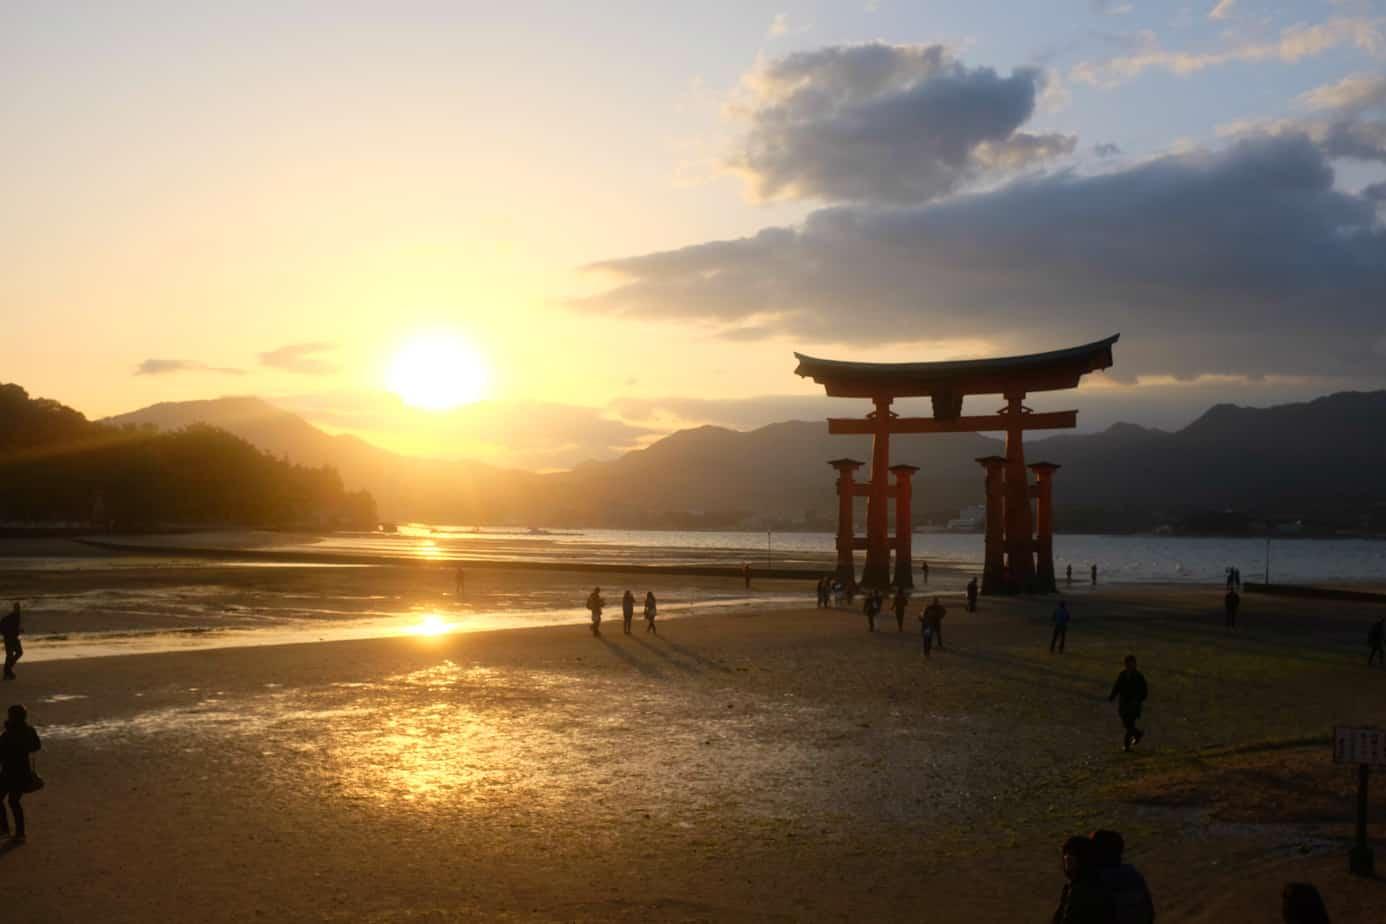 אייקידו ביפן